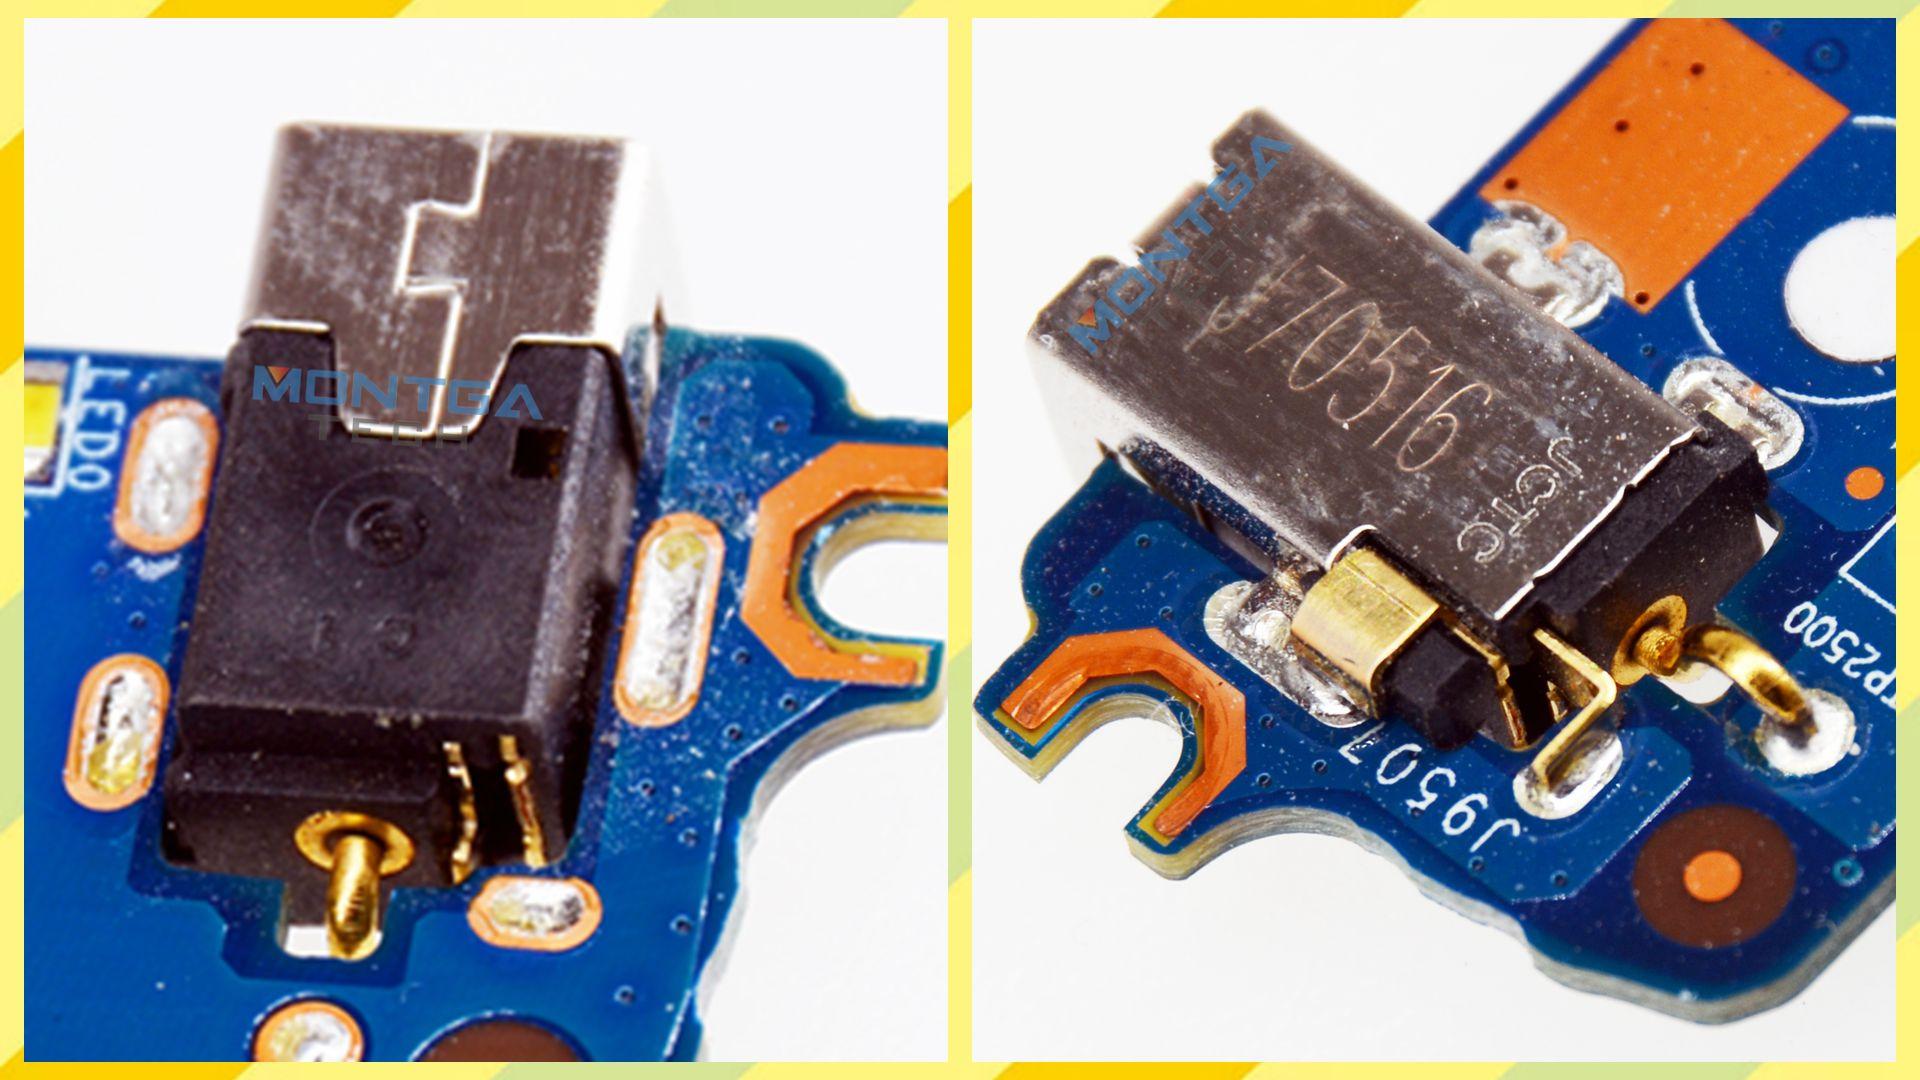 repair charging connector Lenovo 100S-14IBR, repair DC Power Jack Lenovo 100S-14IBR, repair Jack socket Lenovo 100S-14IBR, repair plug Lenovo 100S-14IBR, repair DC Alimantation Lenovo 100S-14IBR, replace charging connector Lenovo 100S-14IBR, replace DC Power Jack Lenovo 100S-14IBR, replace Jack socket Lenovo 100S-14IBR, replace plug Lenovo 100S-14IBR, replace DC Alimantation Lenovo 100S-14IBR,